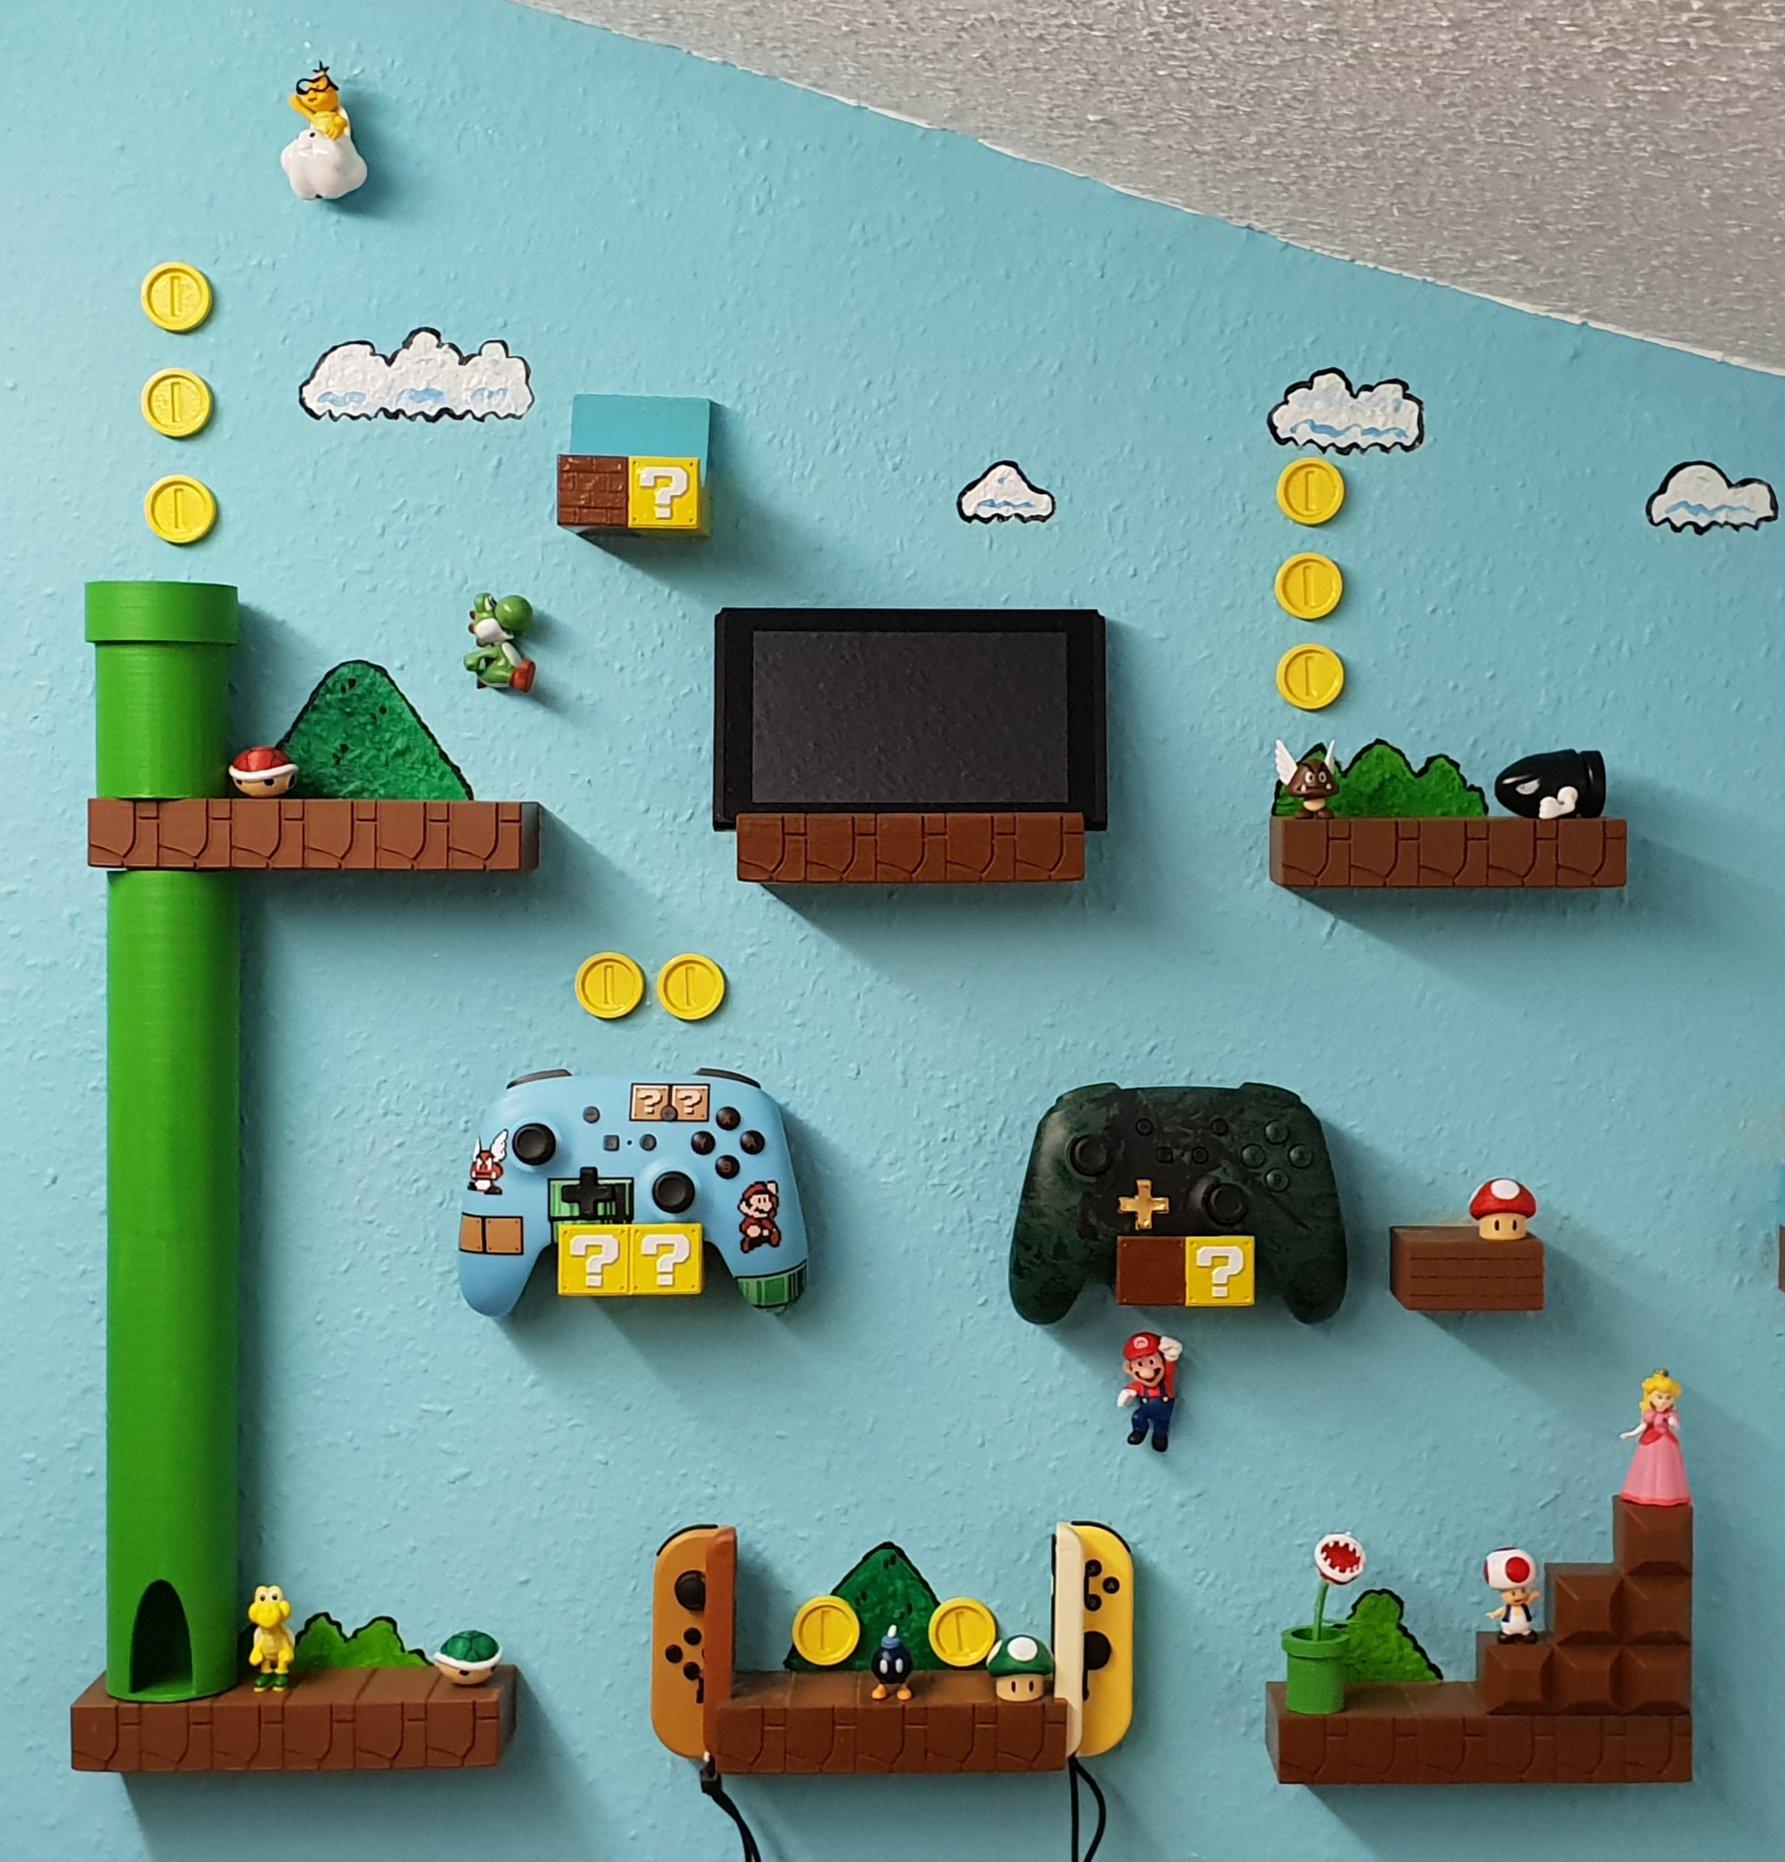 Super Mario World Nintendo Switch Controller Pro Joy Con